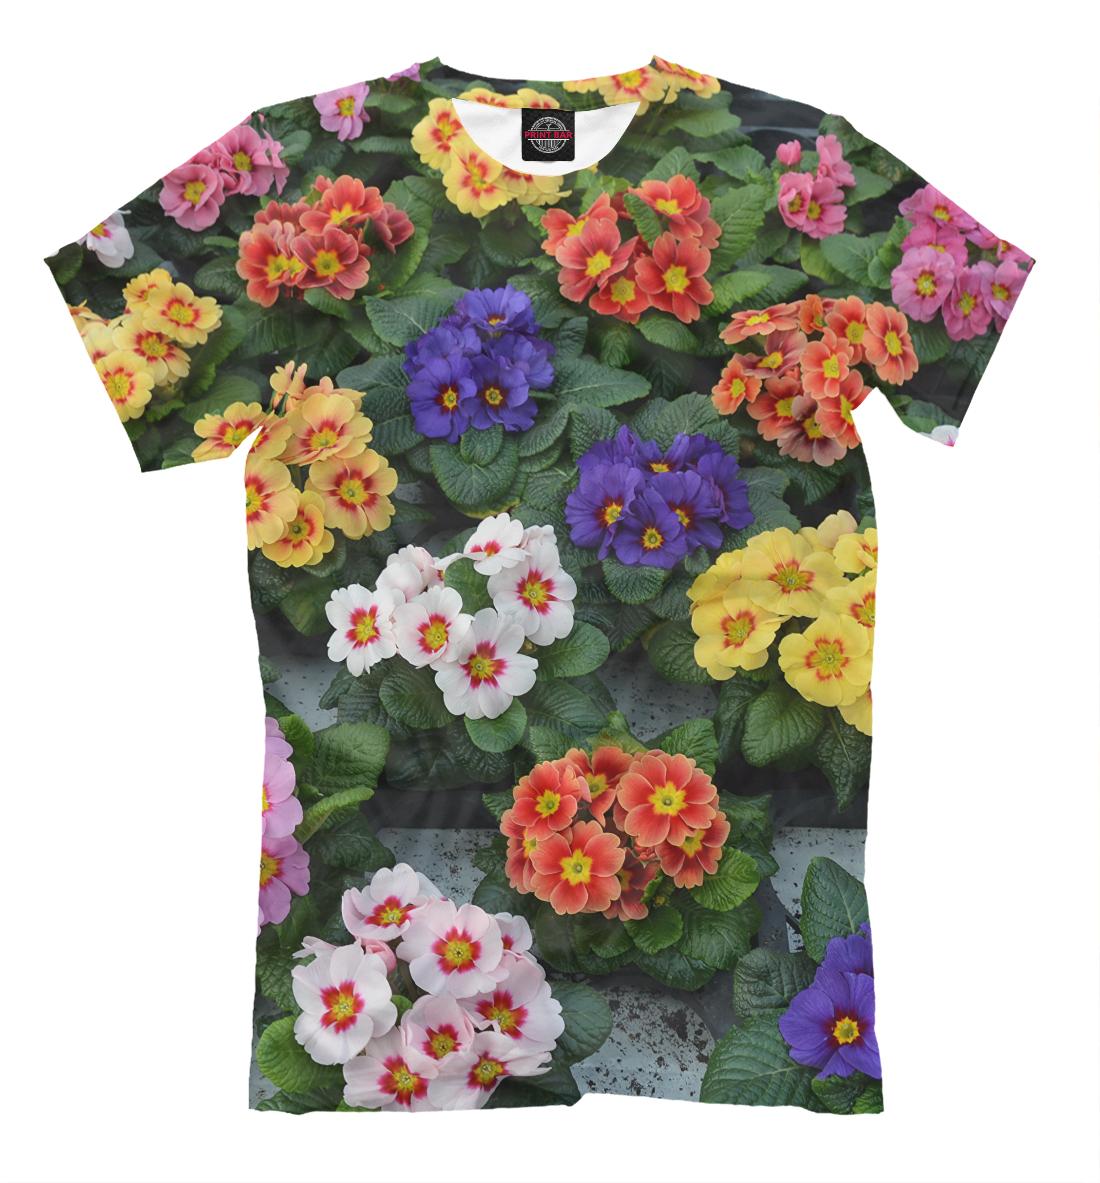 Купить Клумба с цветами, Printbar, Футболки, CVE-672653-fut-2